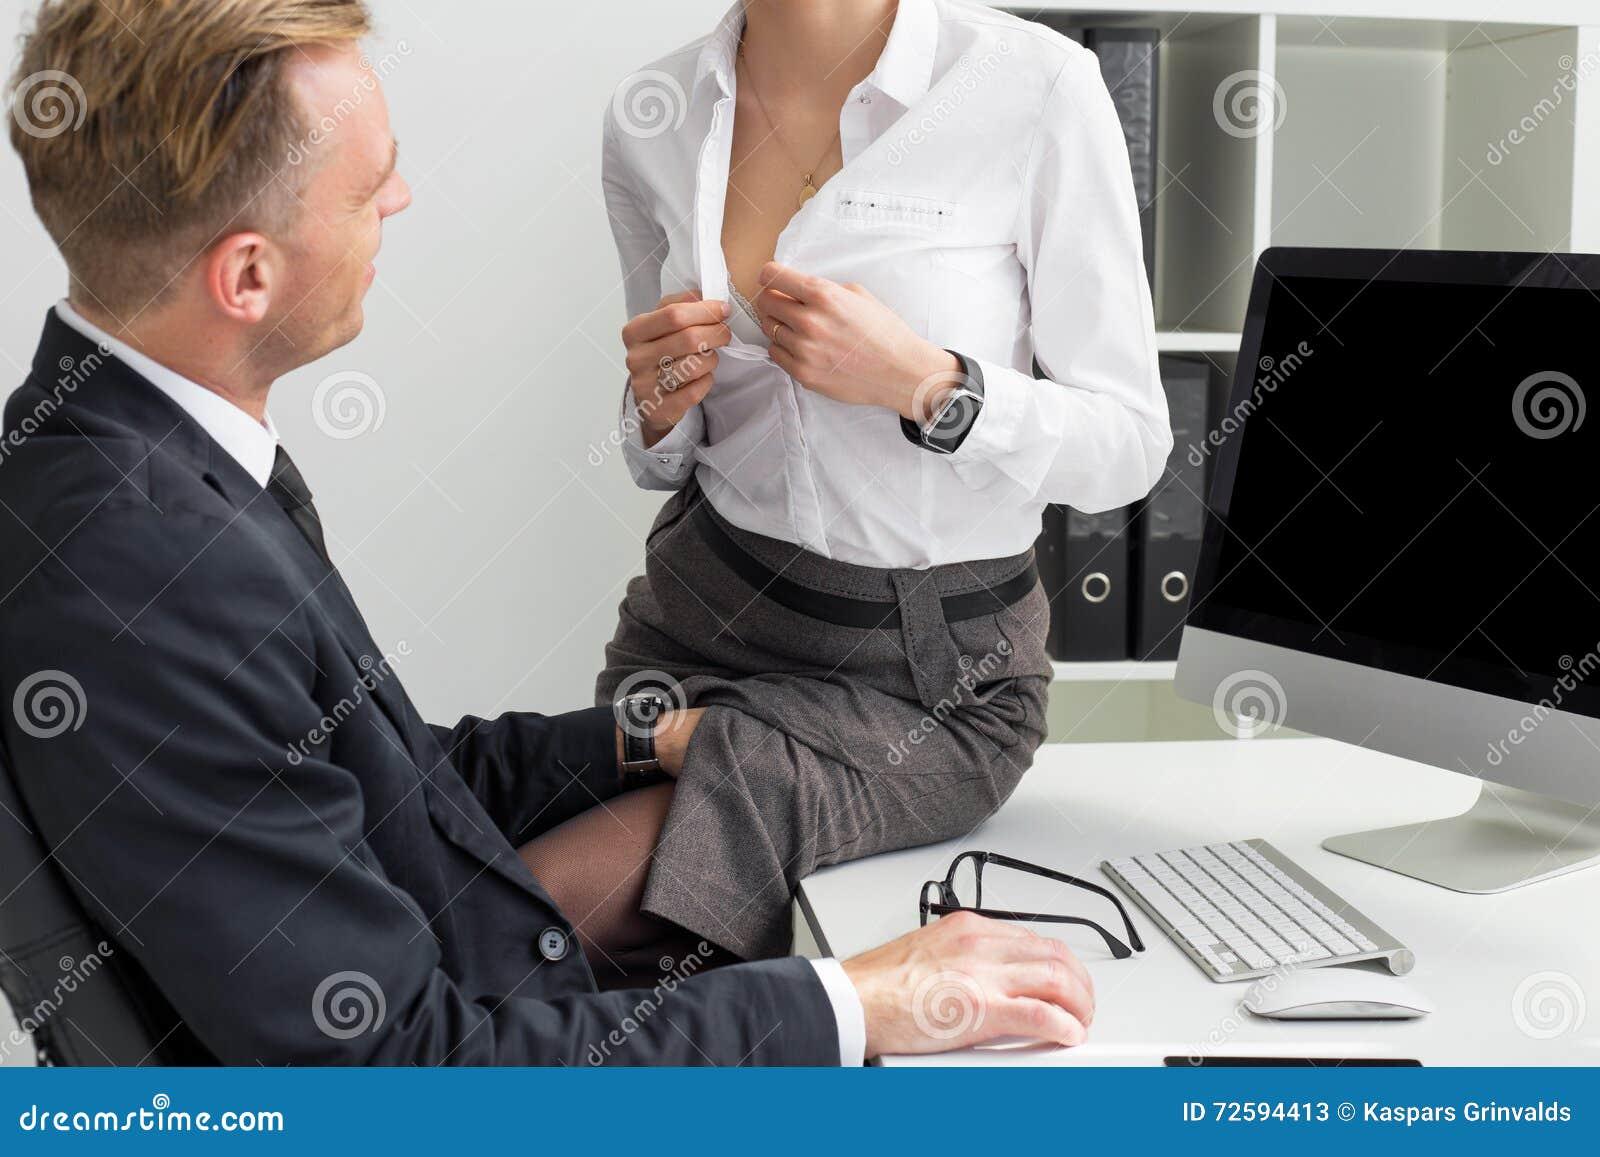 Развел на секс официантку, Пикапер развел на секс официантку 26 фотография